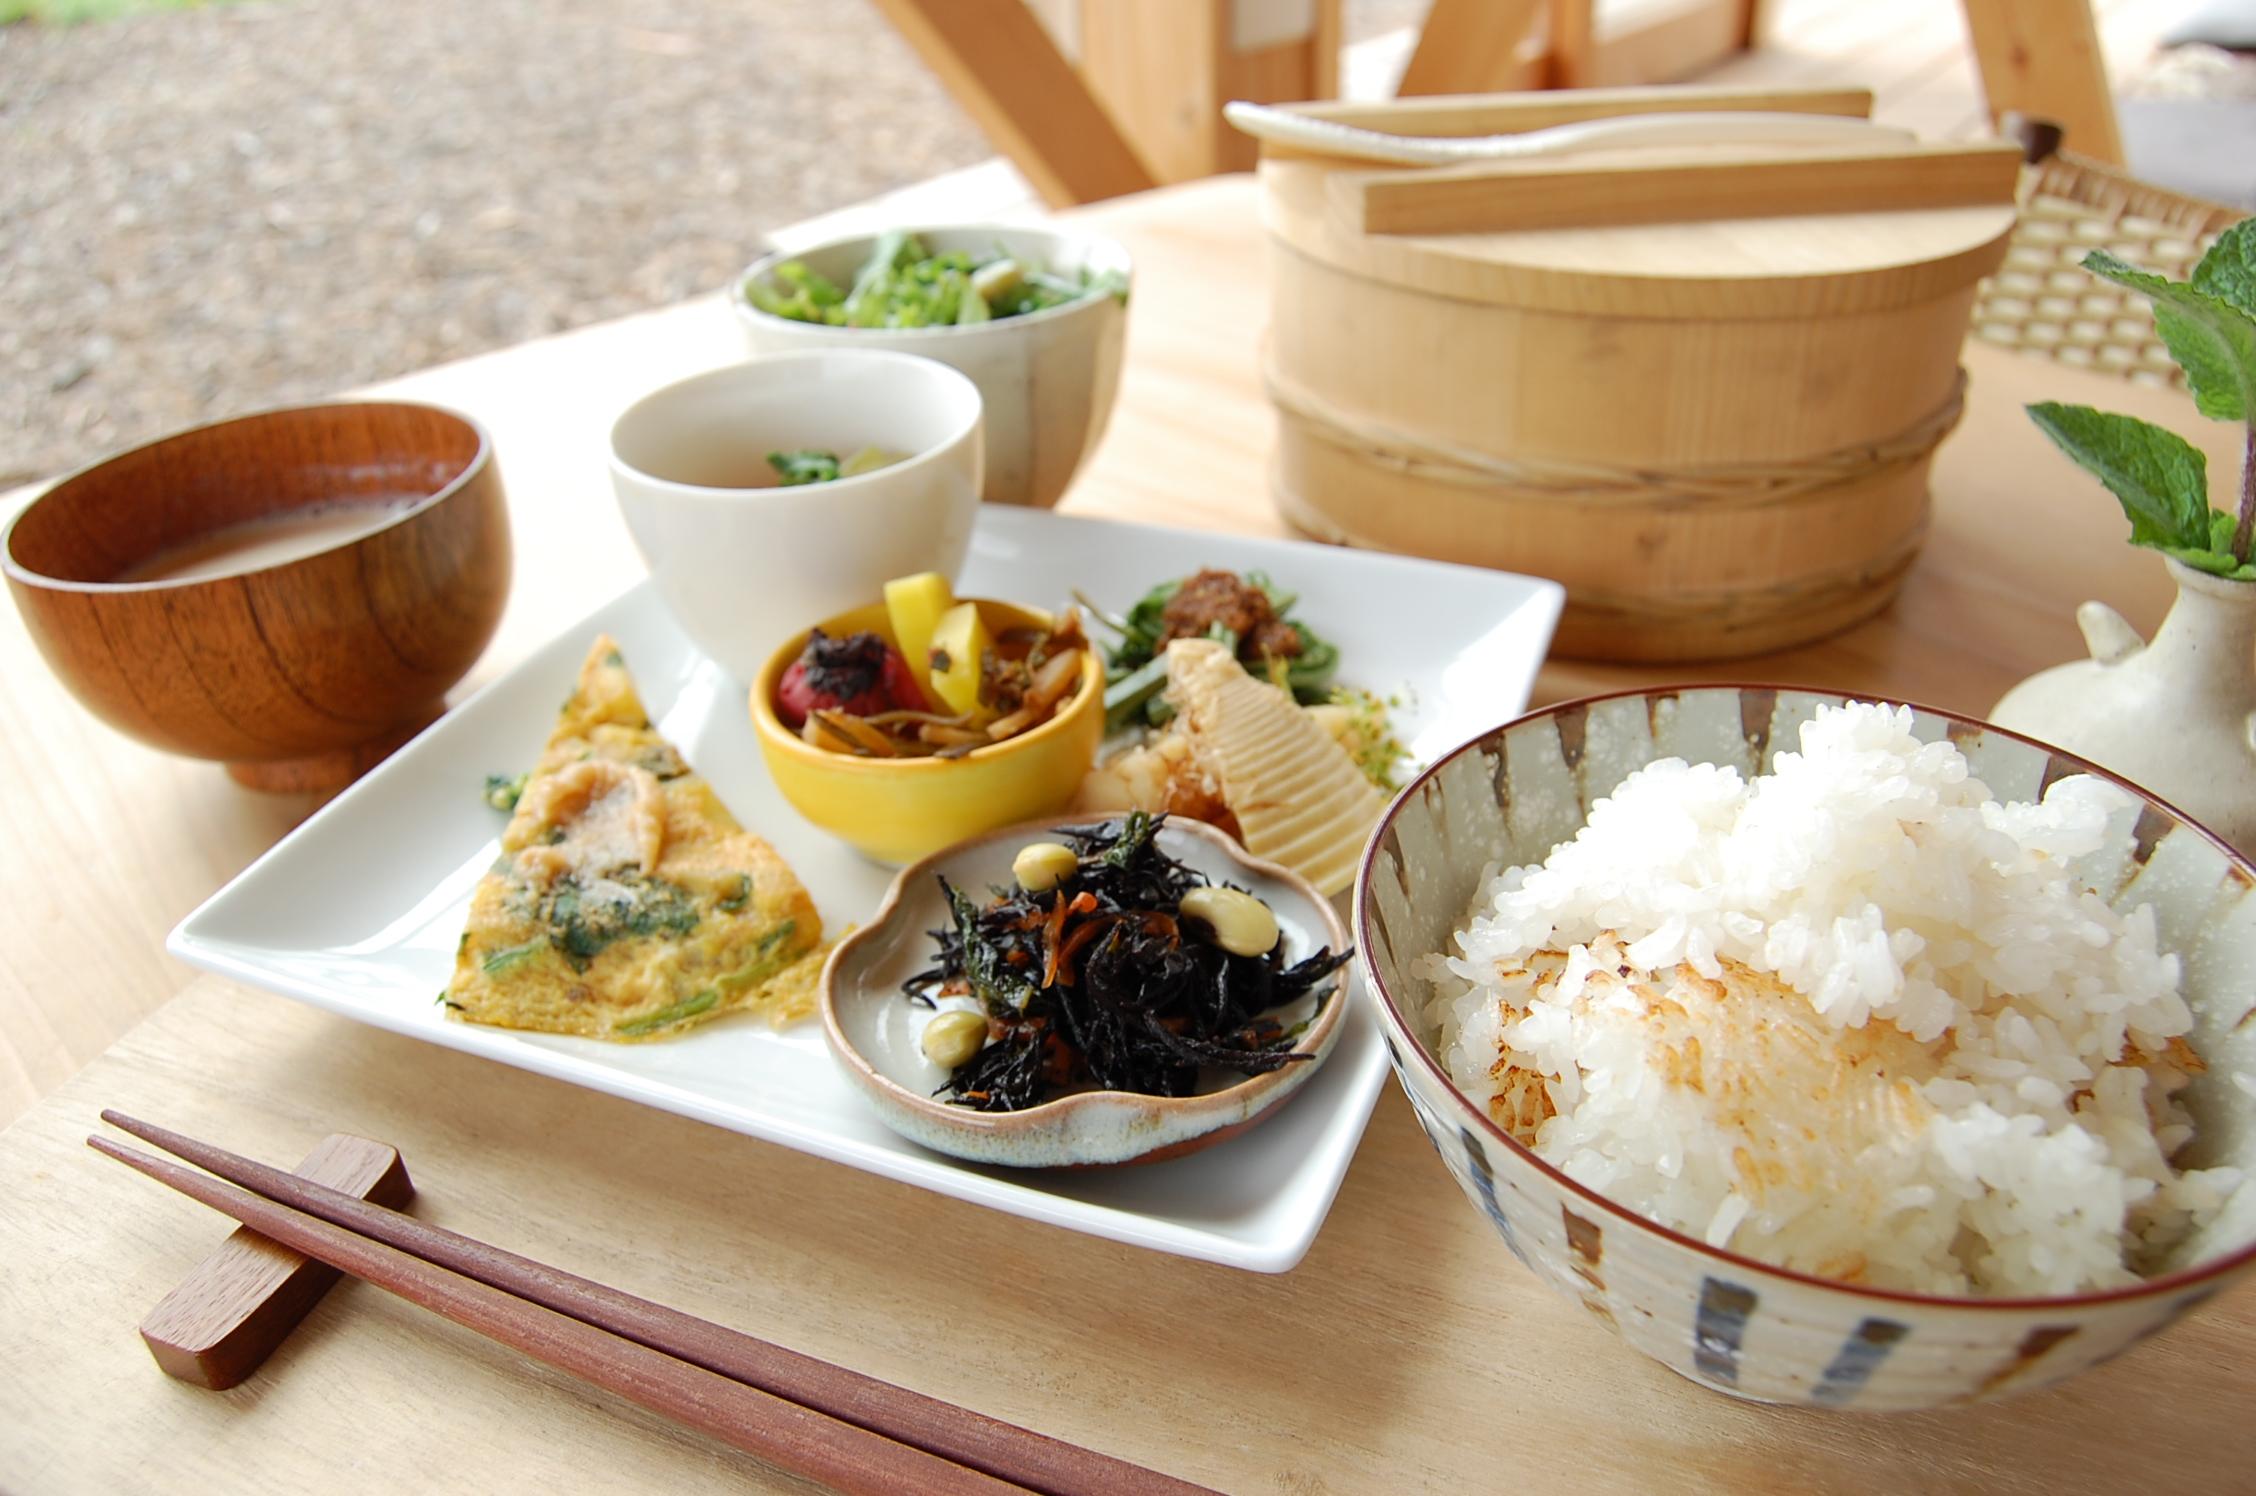 滋賀のカフェ人気のスポット21!おしゃれな店でランチやパフェを!